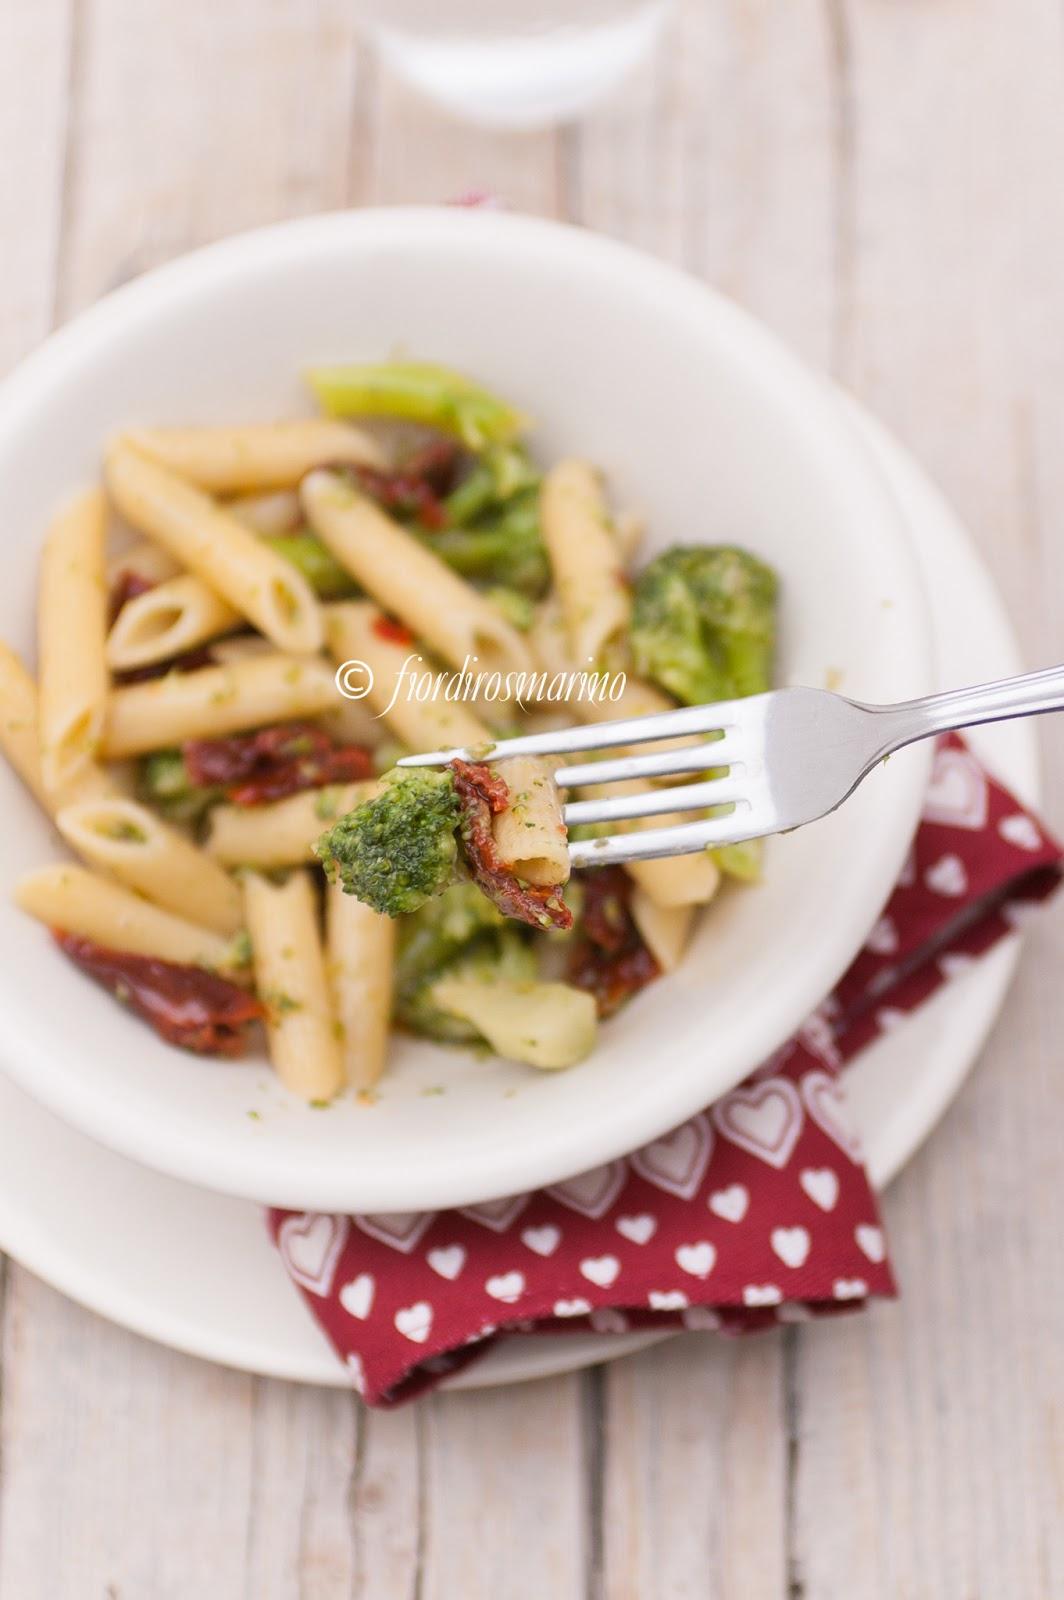 Ricetta Rigatoni Pomodorini, Broccoletti E Ricota Salata – Primo